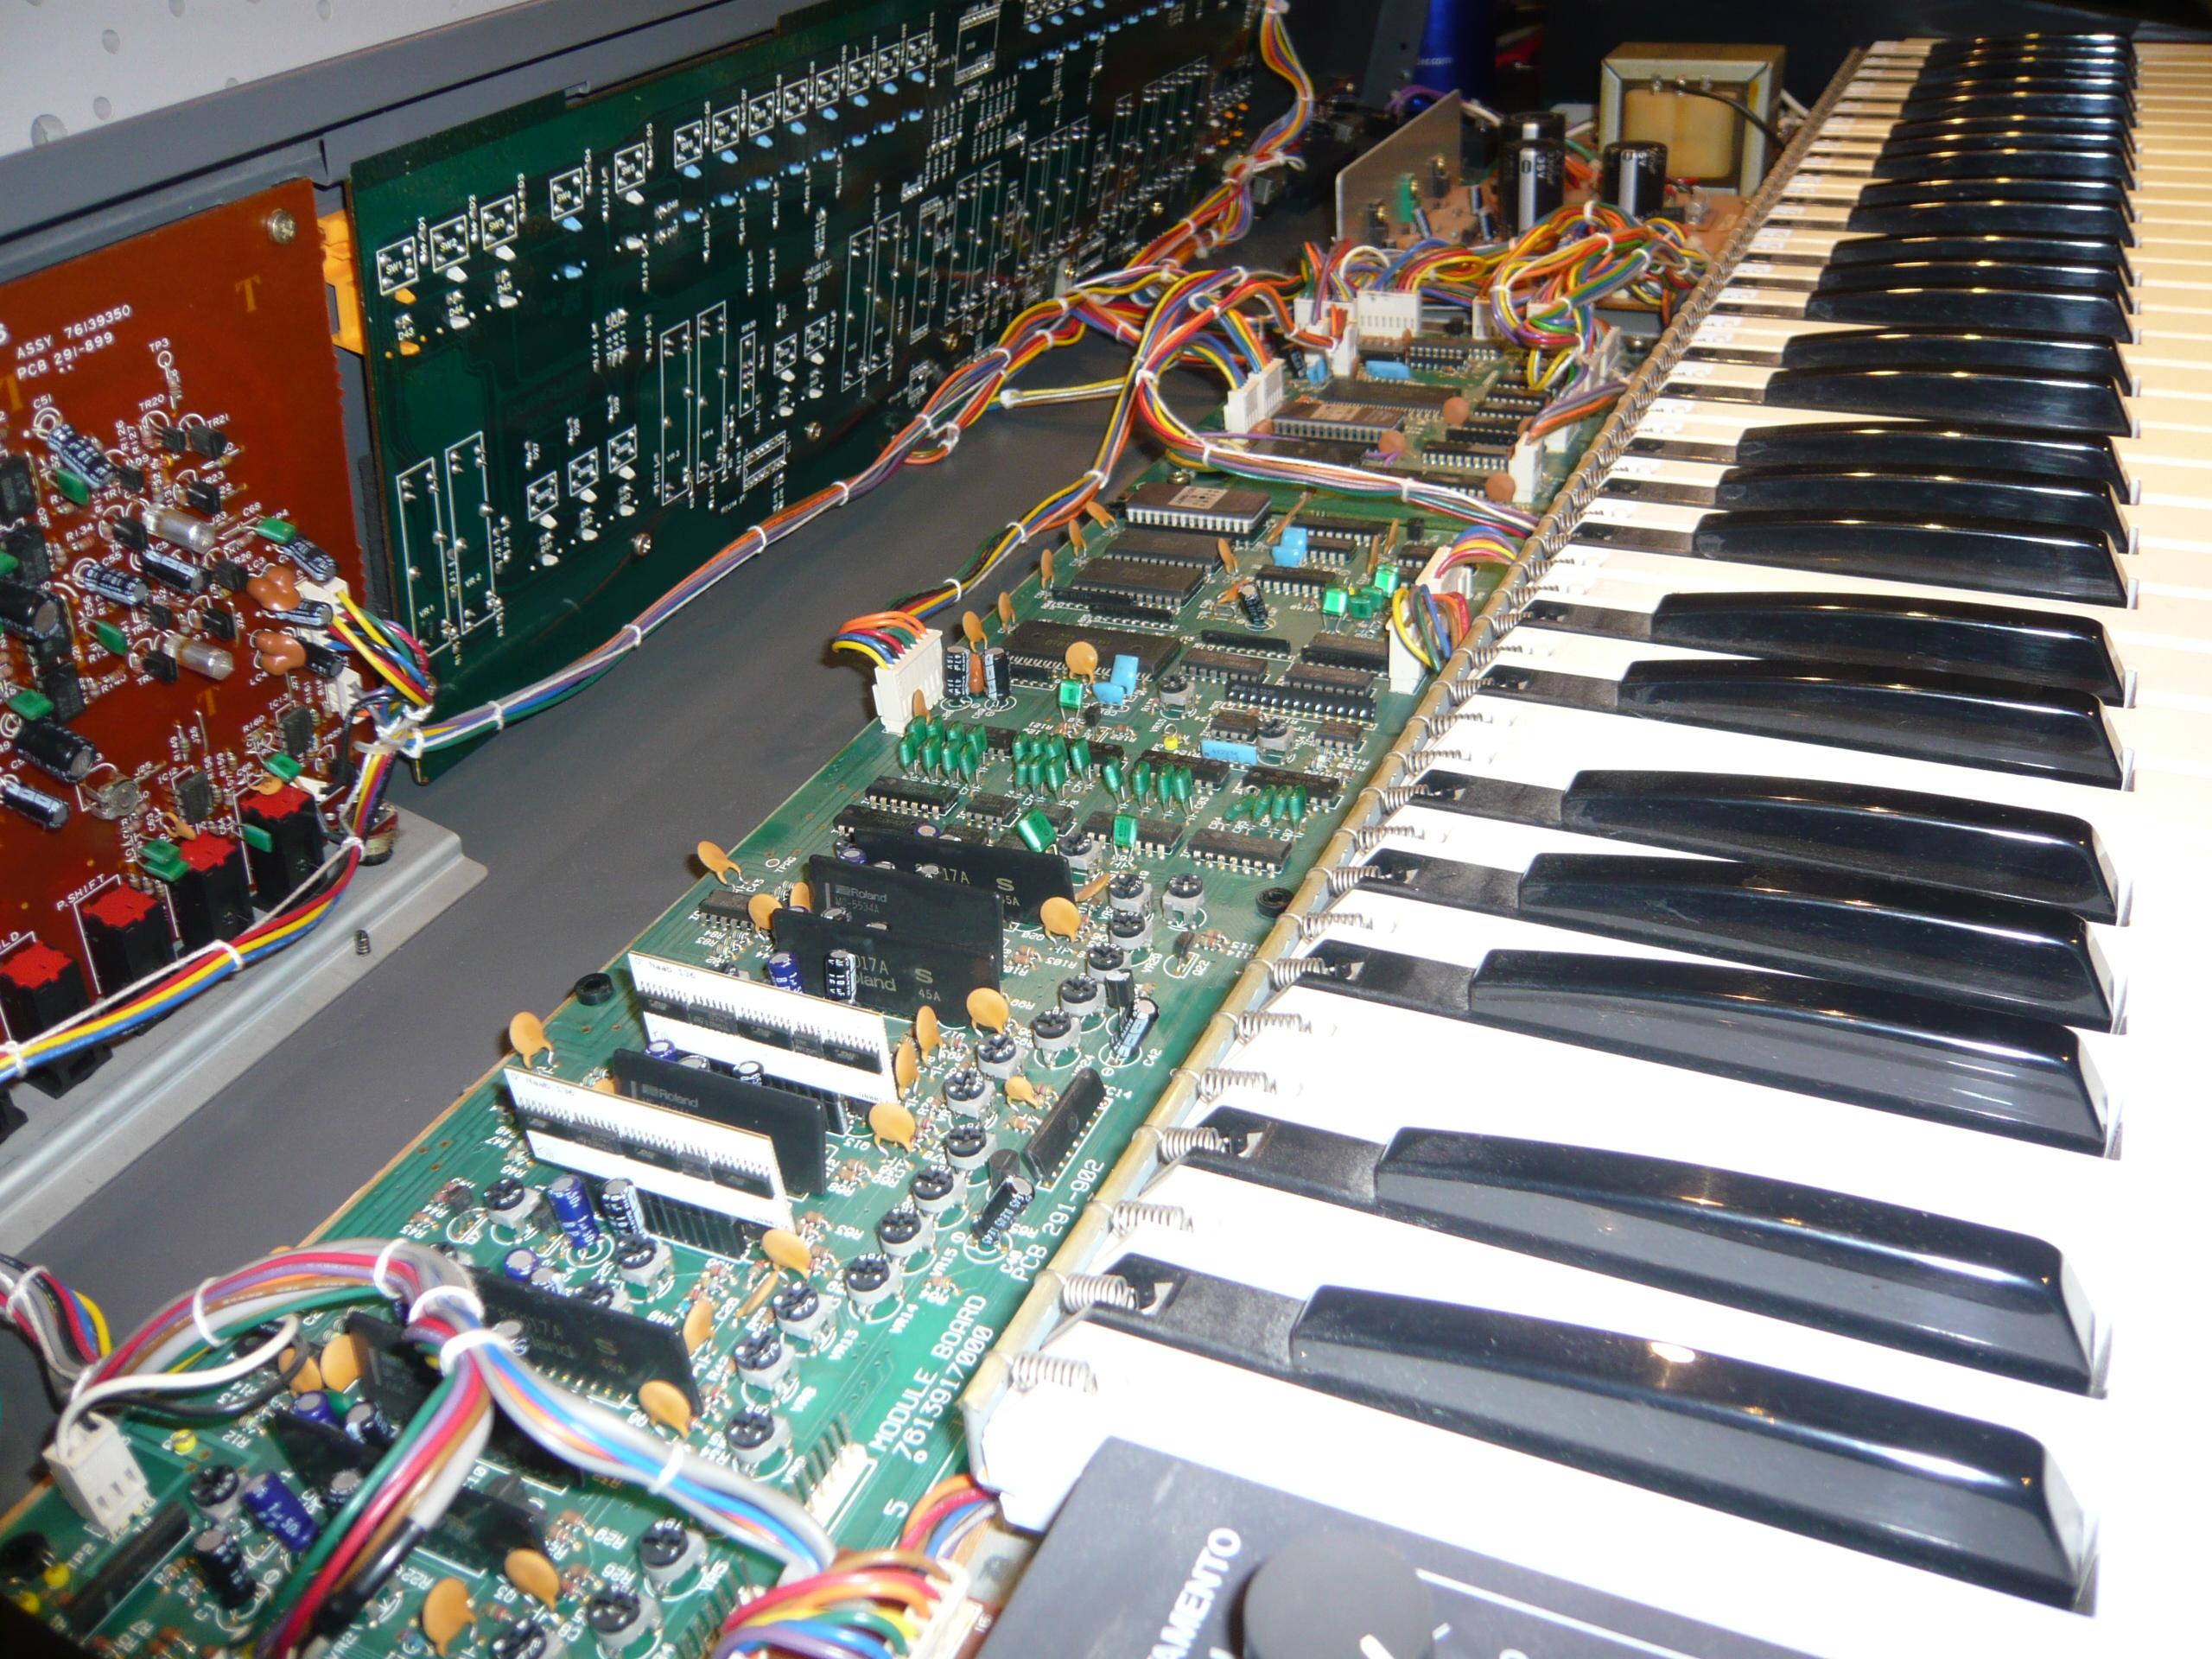 Roland Juno-106 | Obsoletetechnology